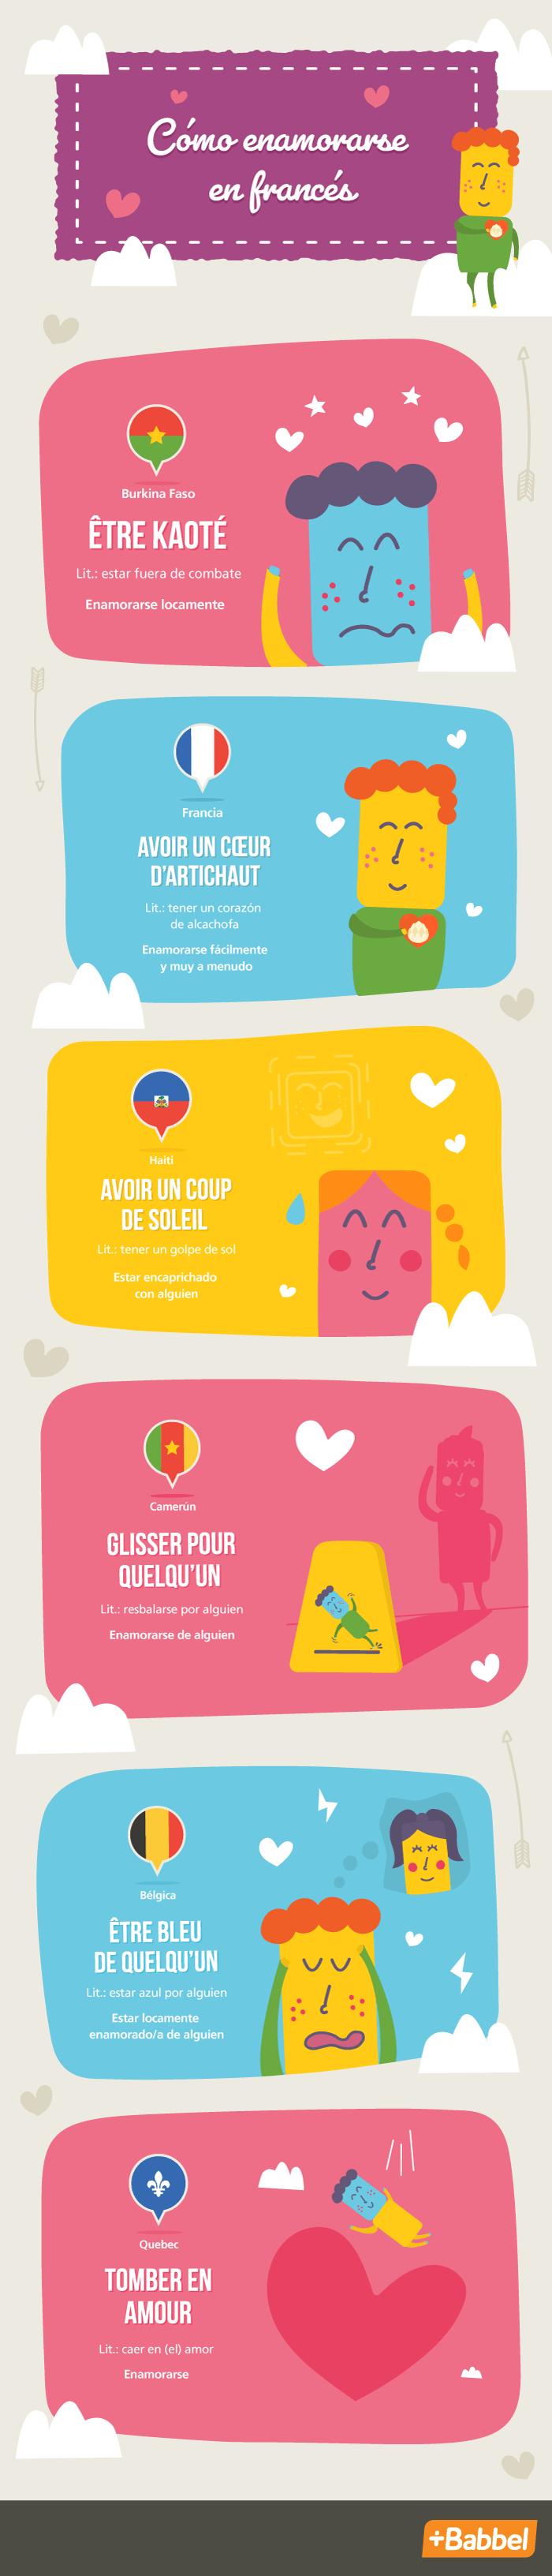 Declara tu amor con una frase romántica en francés